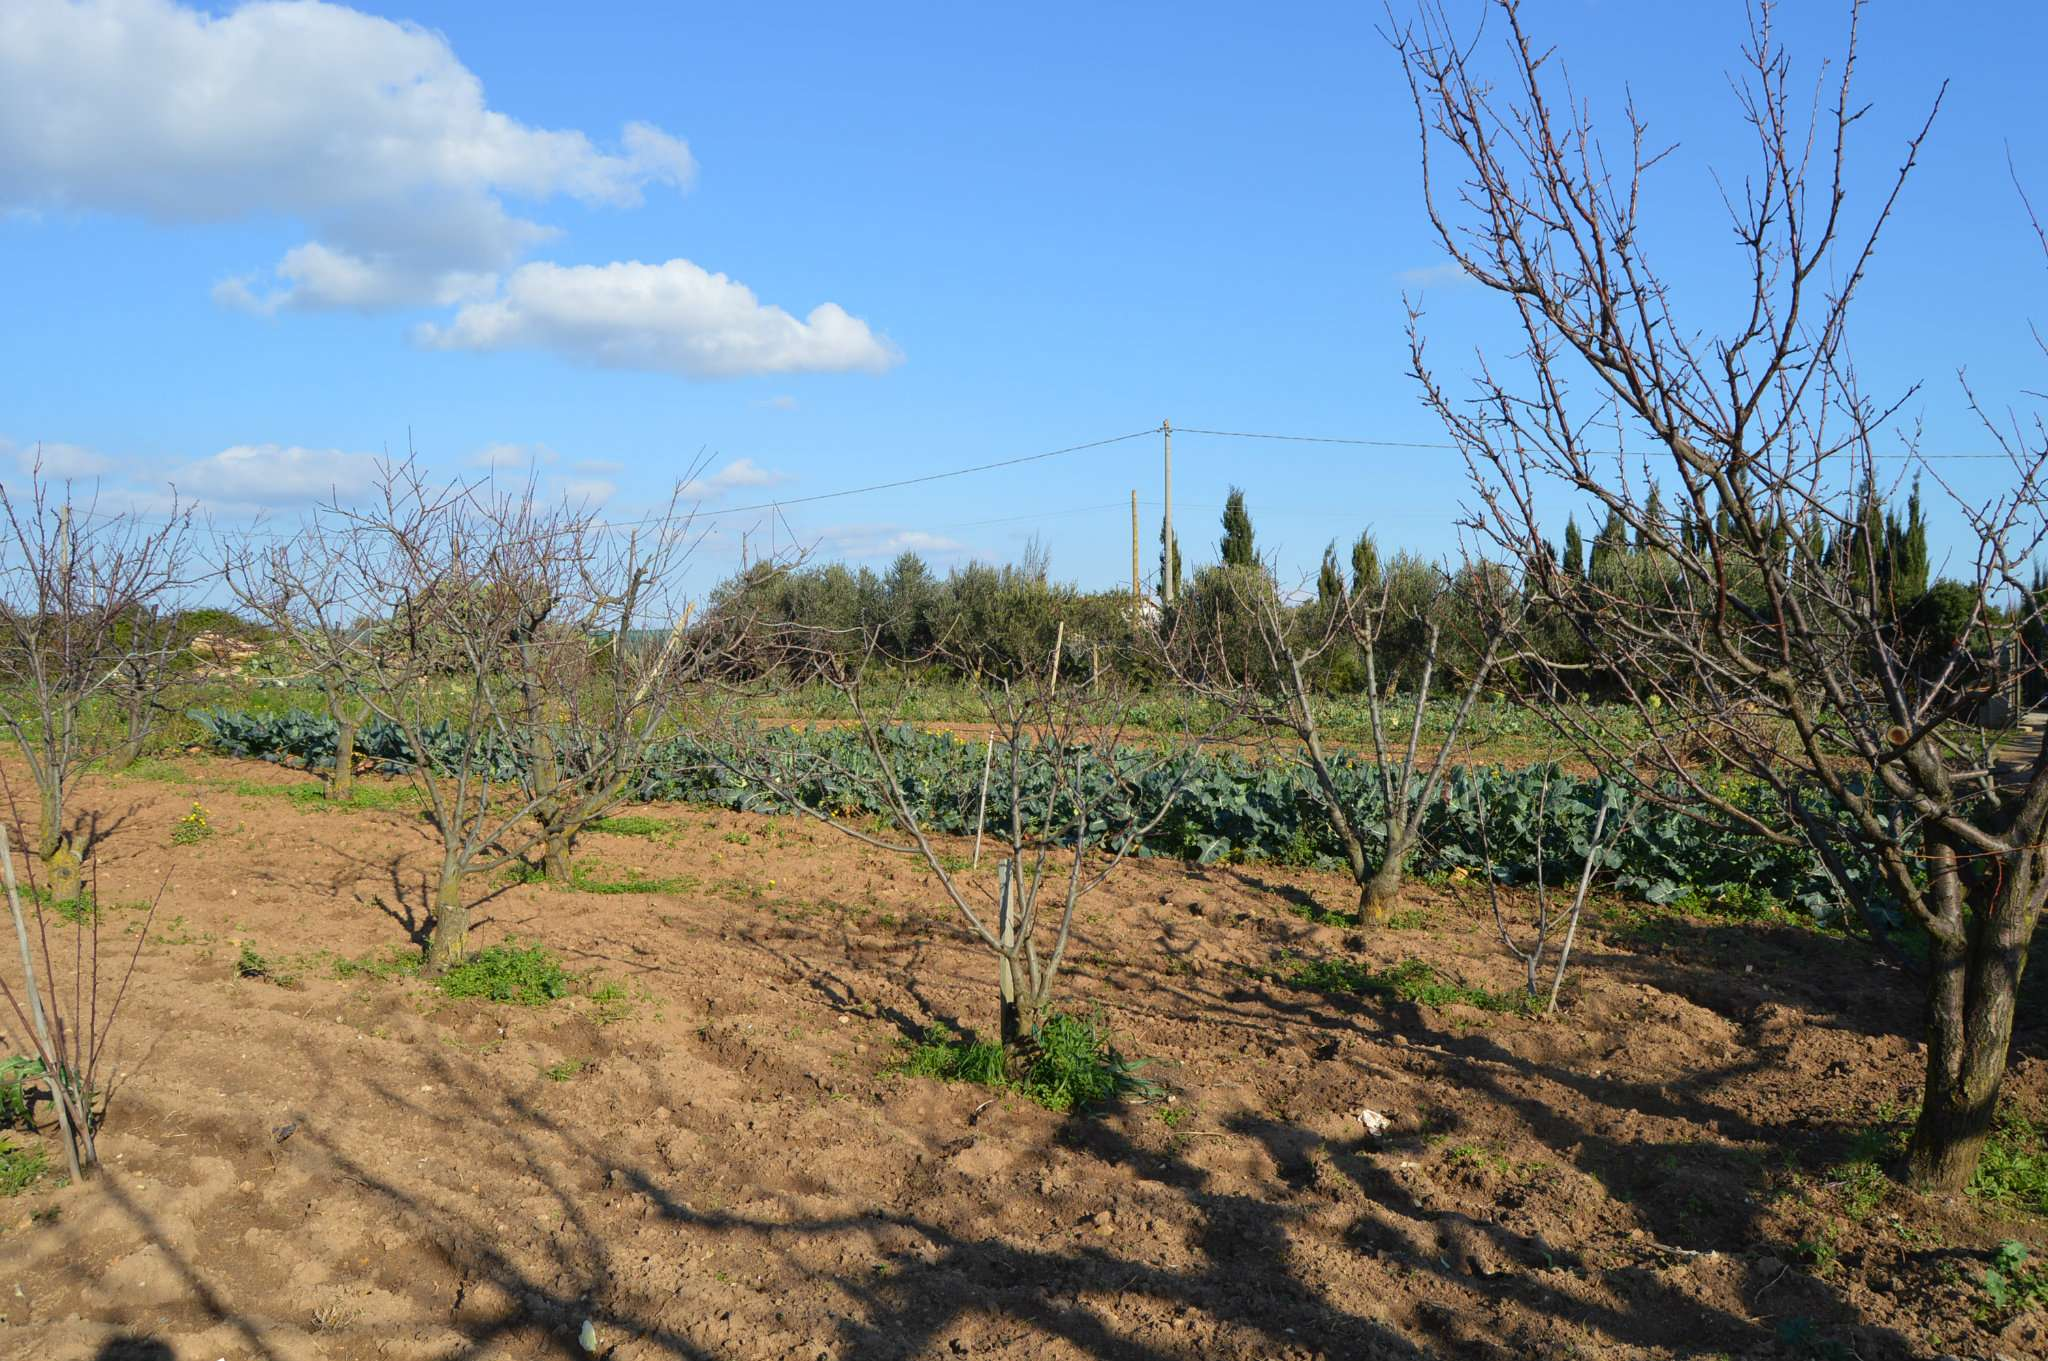 Soluzione Indipendente in vendita a Alghero, 1 locali, prezzo € 40.000 | CambioCasa.it